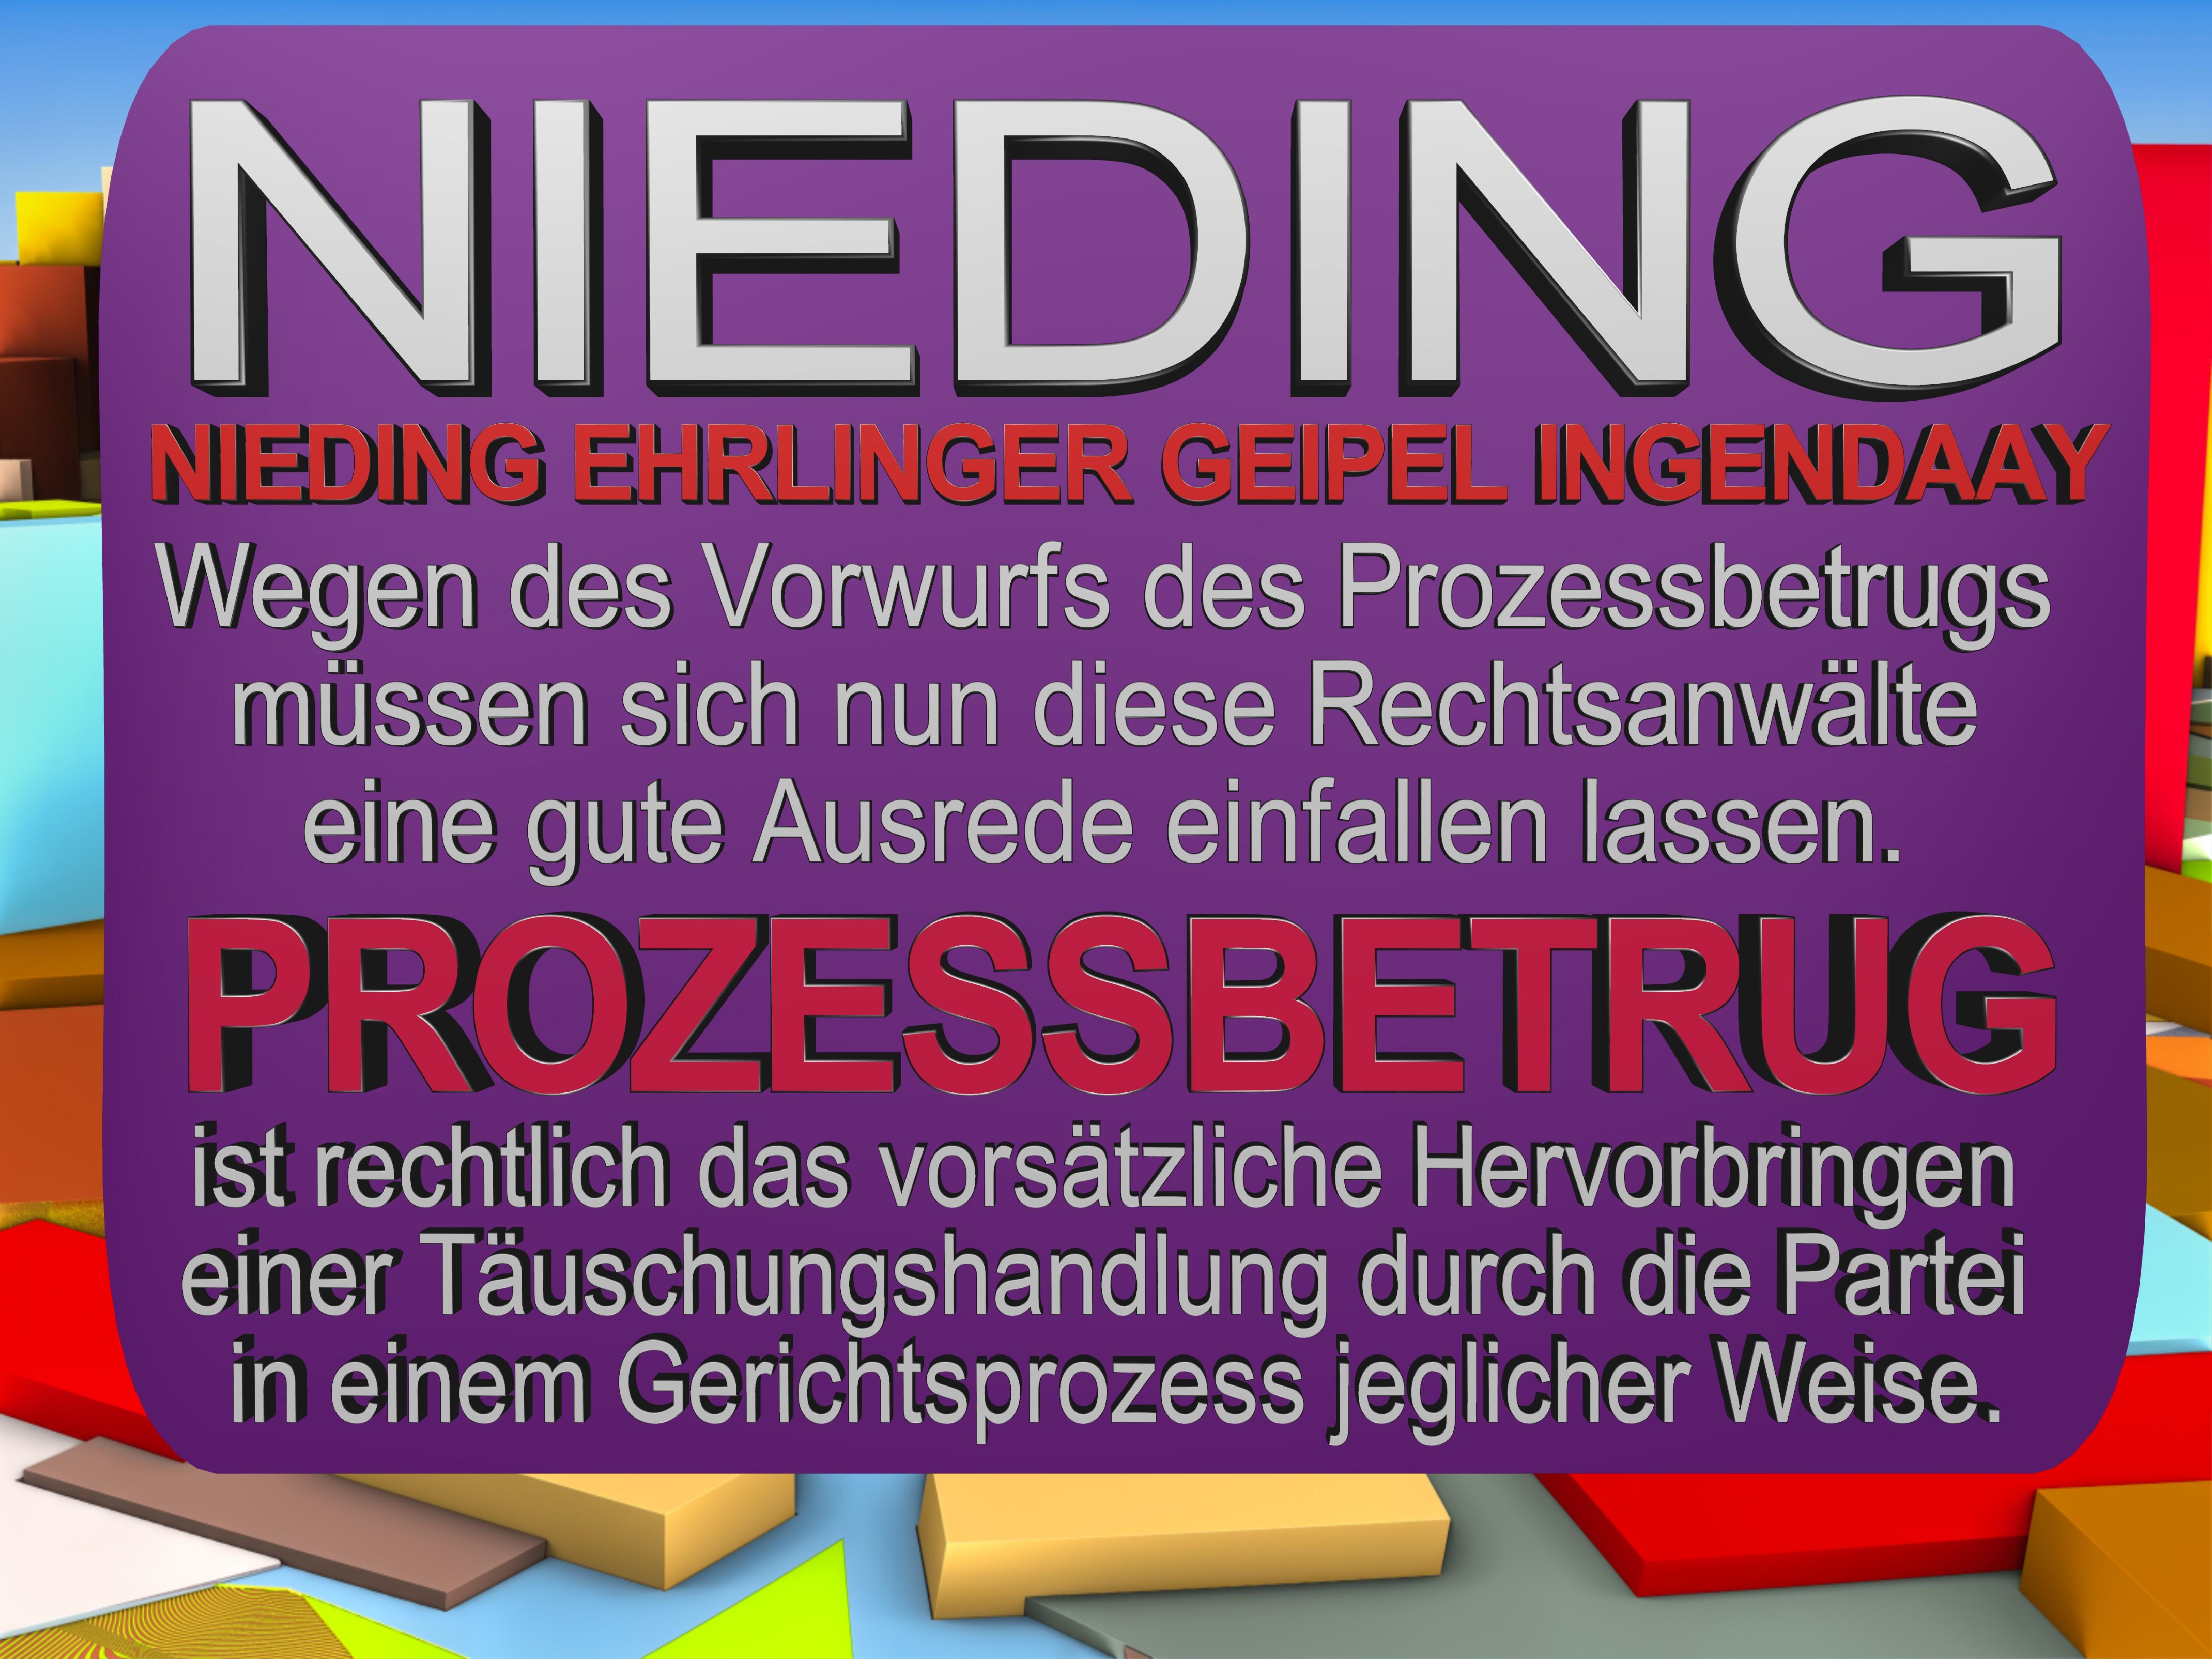 NIEDING EHRLINGER GEIPEL INGENDAAY LELKE Kurfürstendamm 66 Berlin (108)